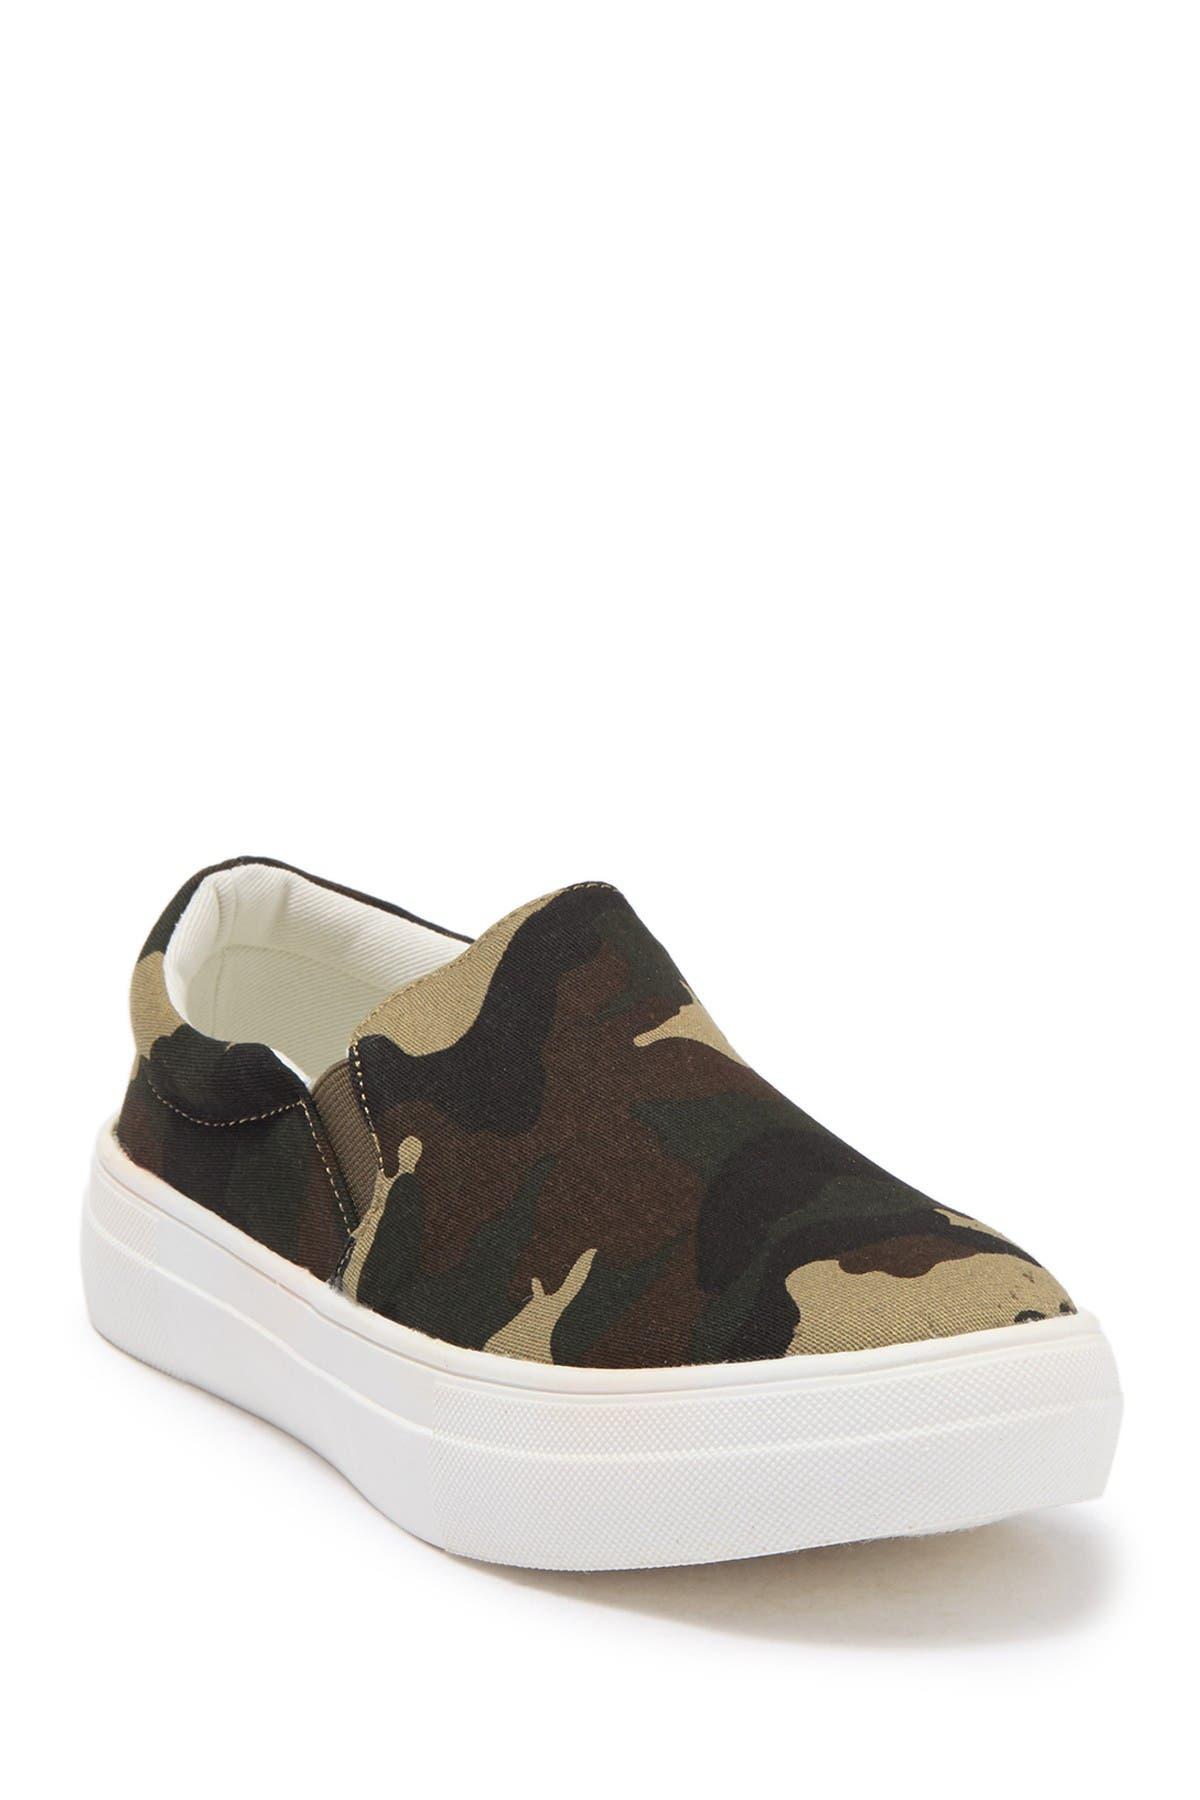 Image of Matisse Harry Printed Slip-On Sneaker